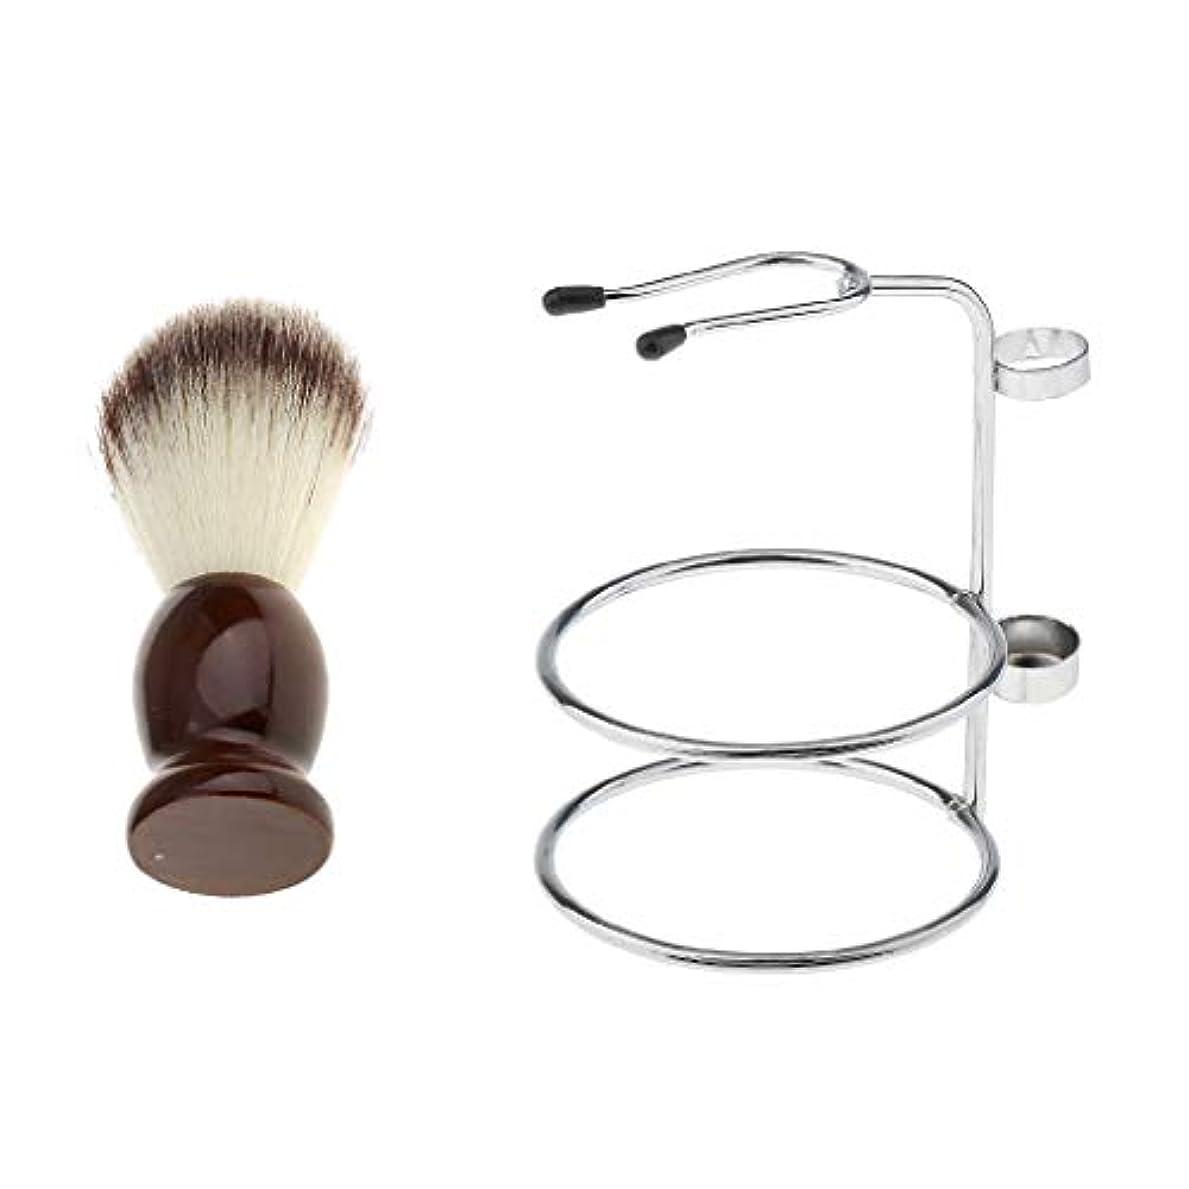 アドバイスセンチメンタルエイリアンsharprepublic シェービングブラシセット ひげブラシ シェービングカミソリ スタンド 理容 洗顔 髭剃り 泡立ち